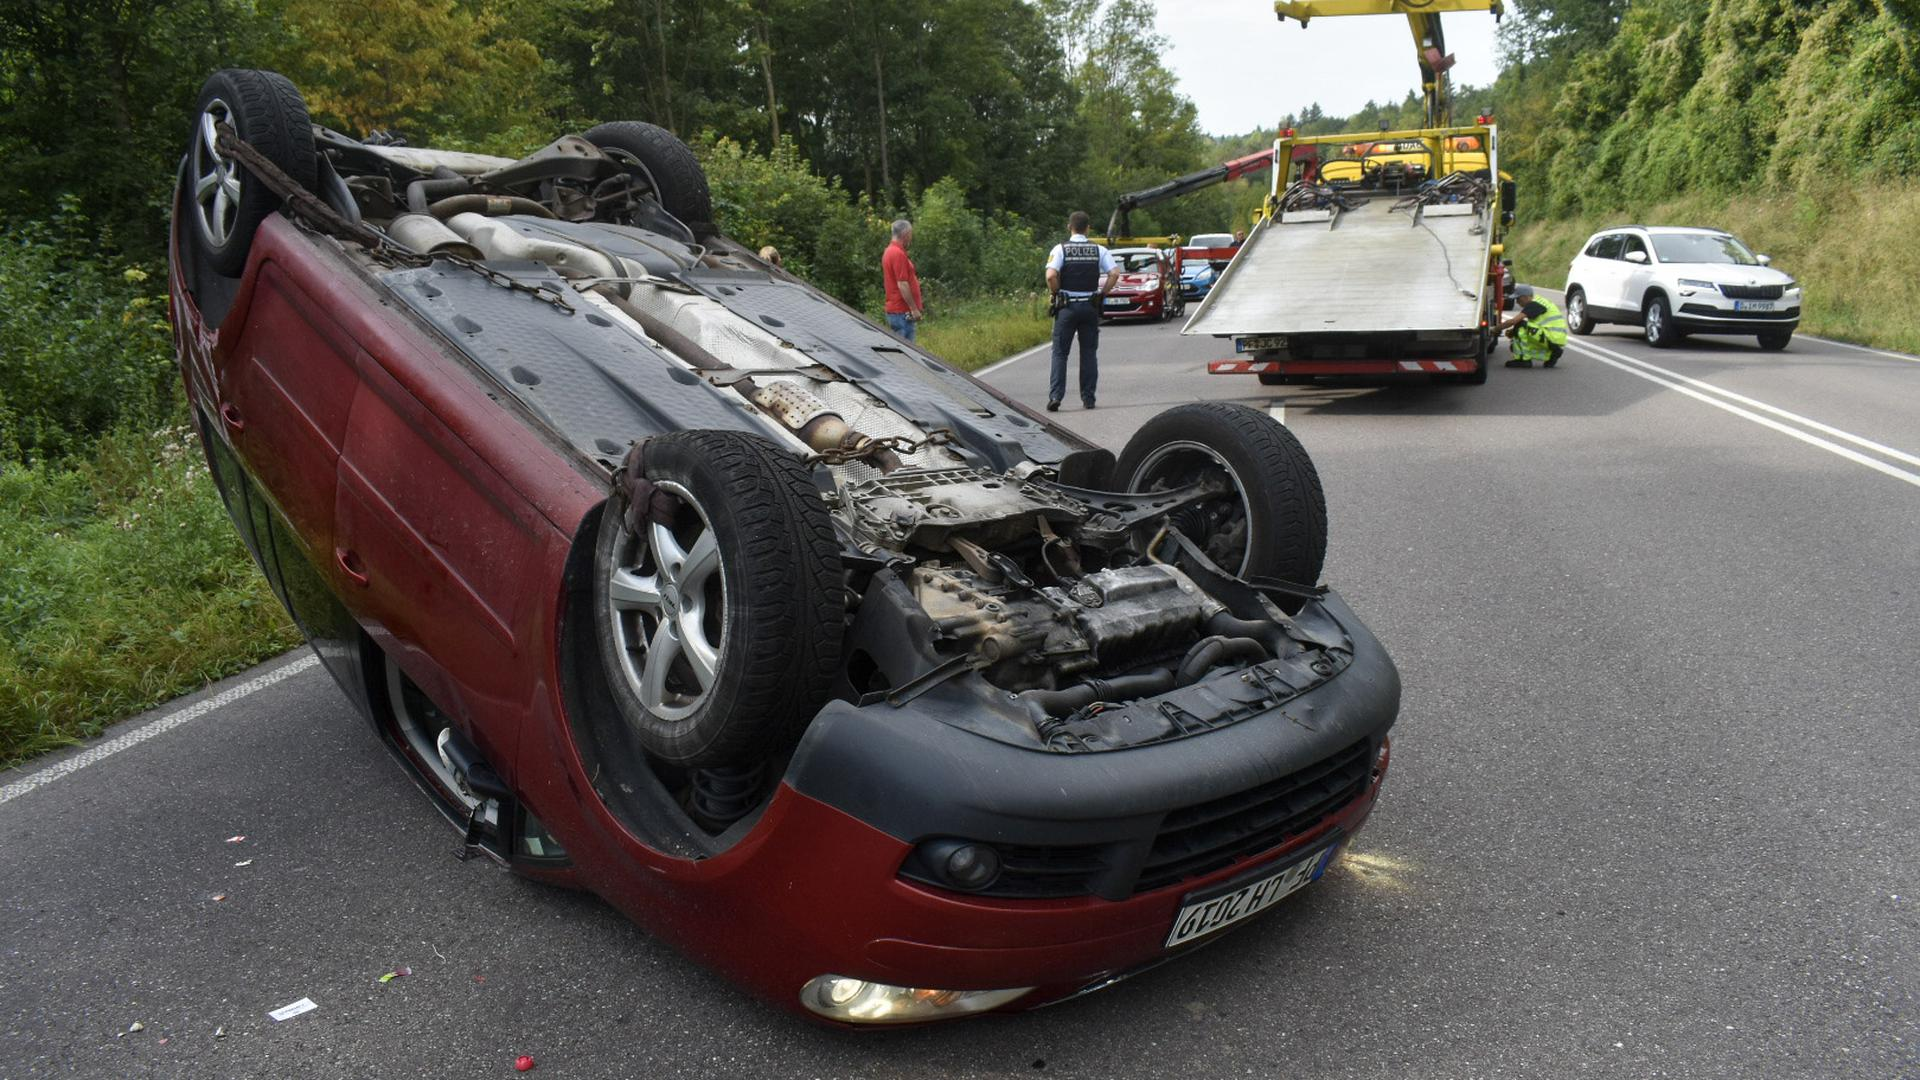 Überholmanöver endet auf dem Dach: Ein Autofahrer überschlug sich mit seinem Wagen, nachdem er versucht hatte, einen Pkw zu überholen. Der Fahrer verletzte sich nach ersten Angaben beim Unfall leicht.